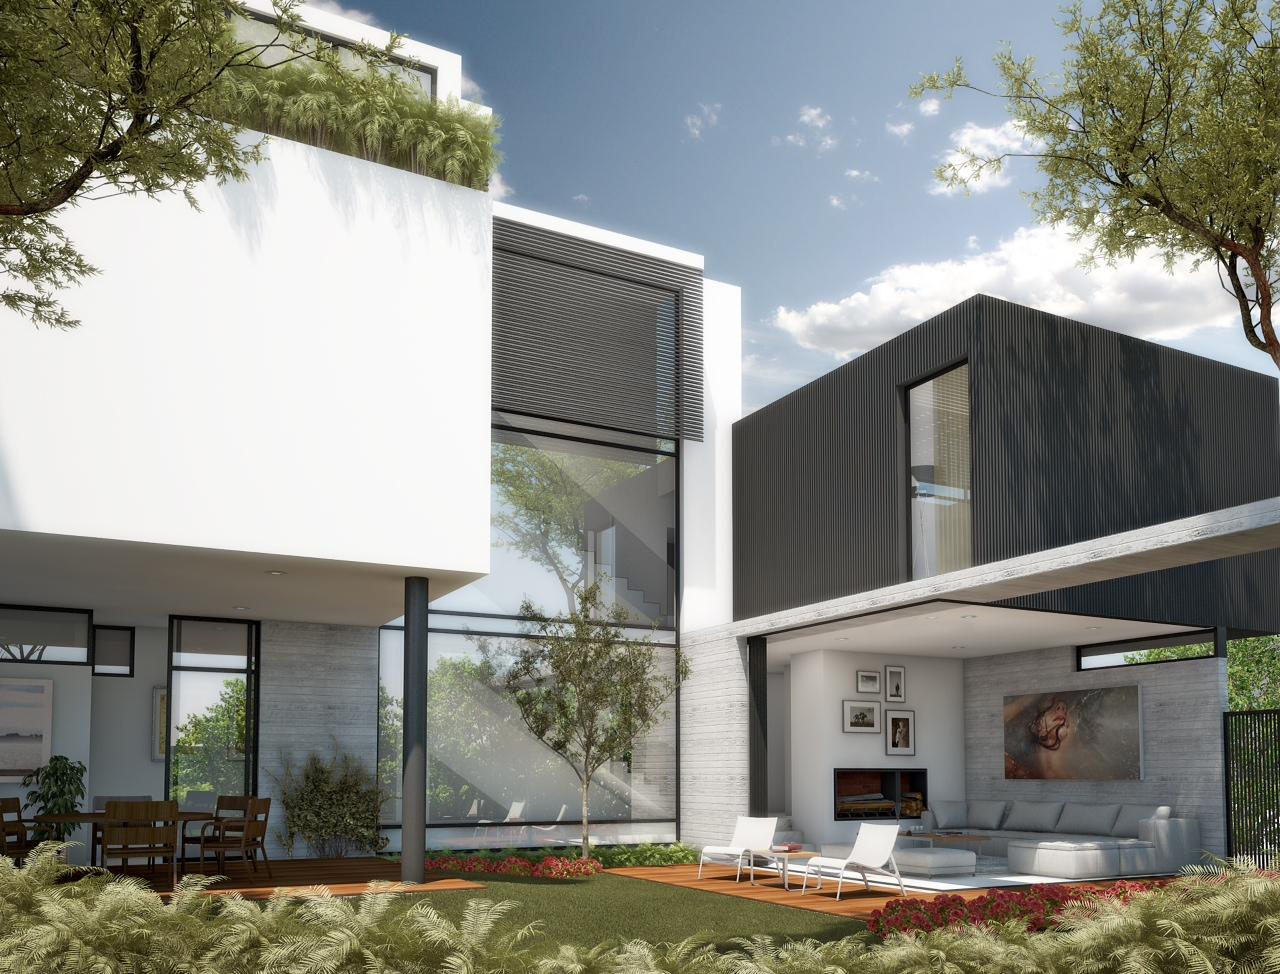 Tipo: Casa Habitación  Área de Construcción: 578 m2  Render: 3XTRUDE   Inicio de obra: Agosto 2013  Ubicación: Zapopan, Jal.